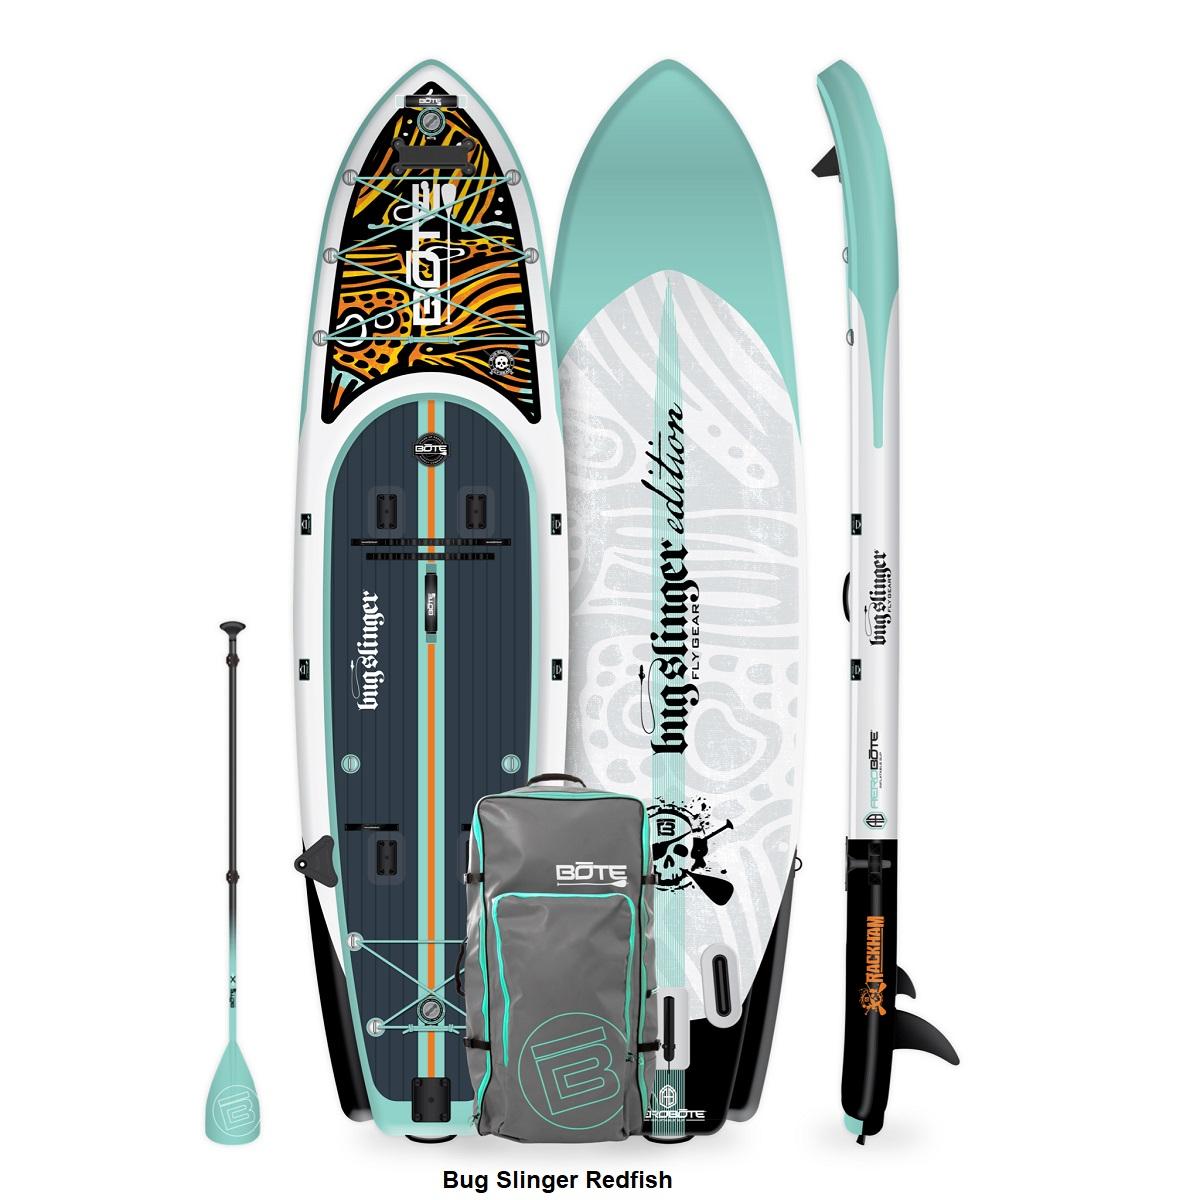 BOTE Rackham Aero Inflatable Paddle Board- Bug Slinger Redfish